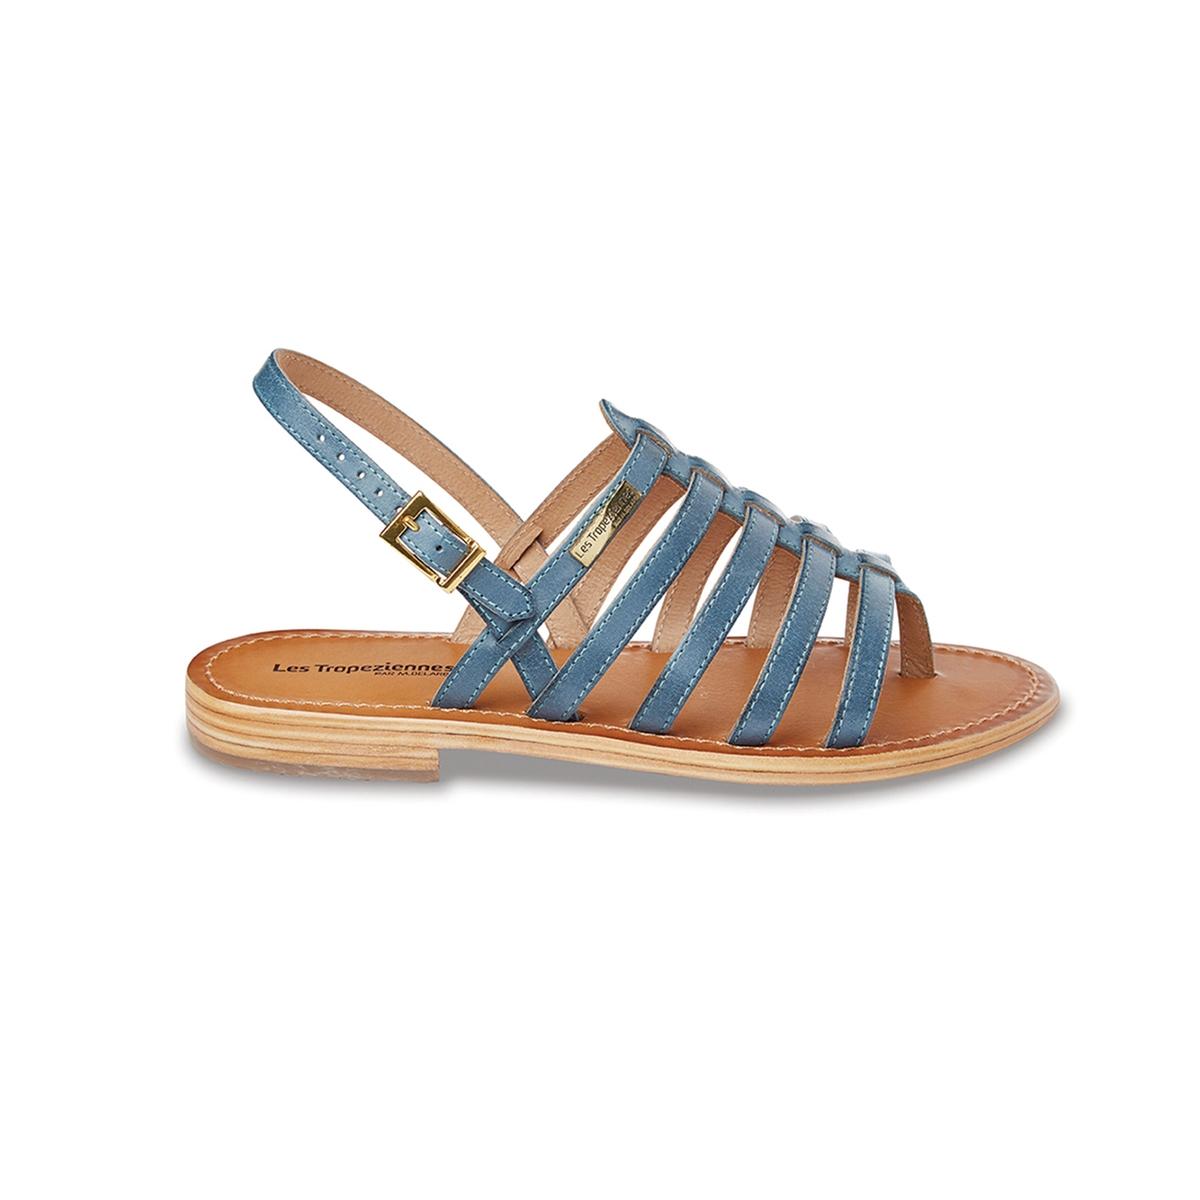 Босоножки кожаные с перемычкой между пальцами HeriberВерх : кожа   Подкладка : кожа   Стелька : кожа   Подошва : кожа.   Высота каблука : 1 см   Форма каблука : плоский каблук   Мысок : открытый мысок   Застежка : пряжка<br><br>Цвет: синий<br>Размер: 38